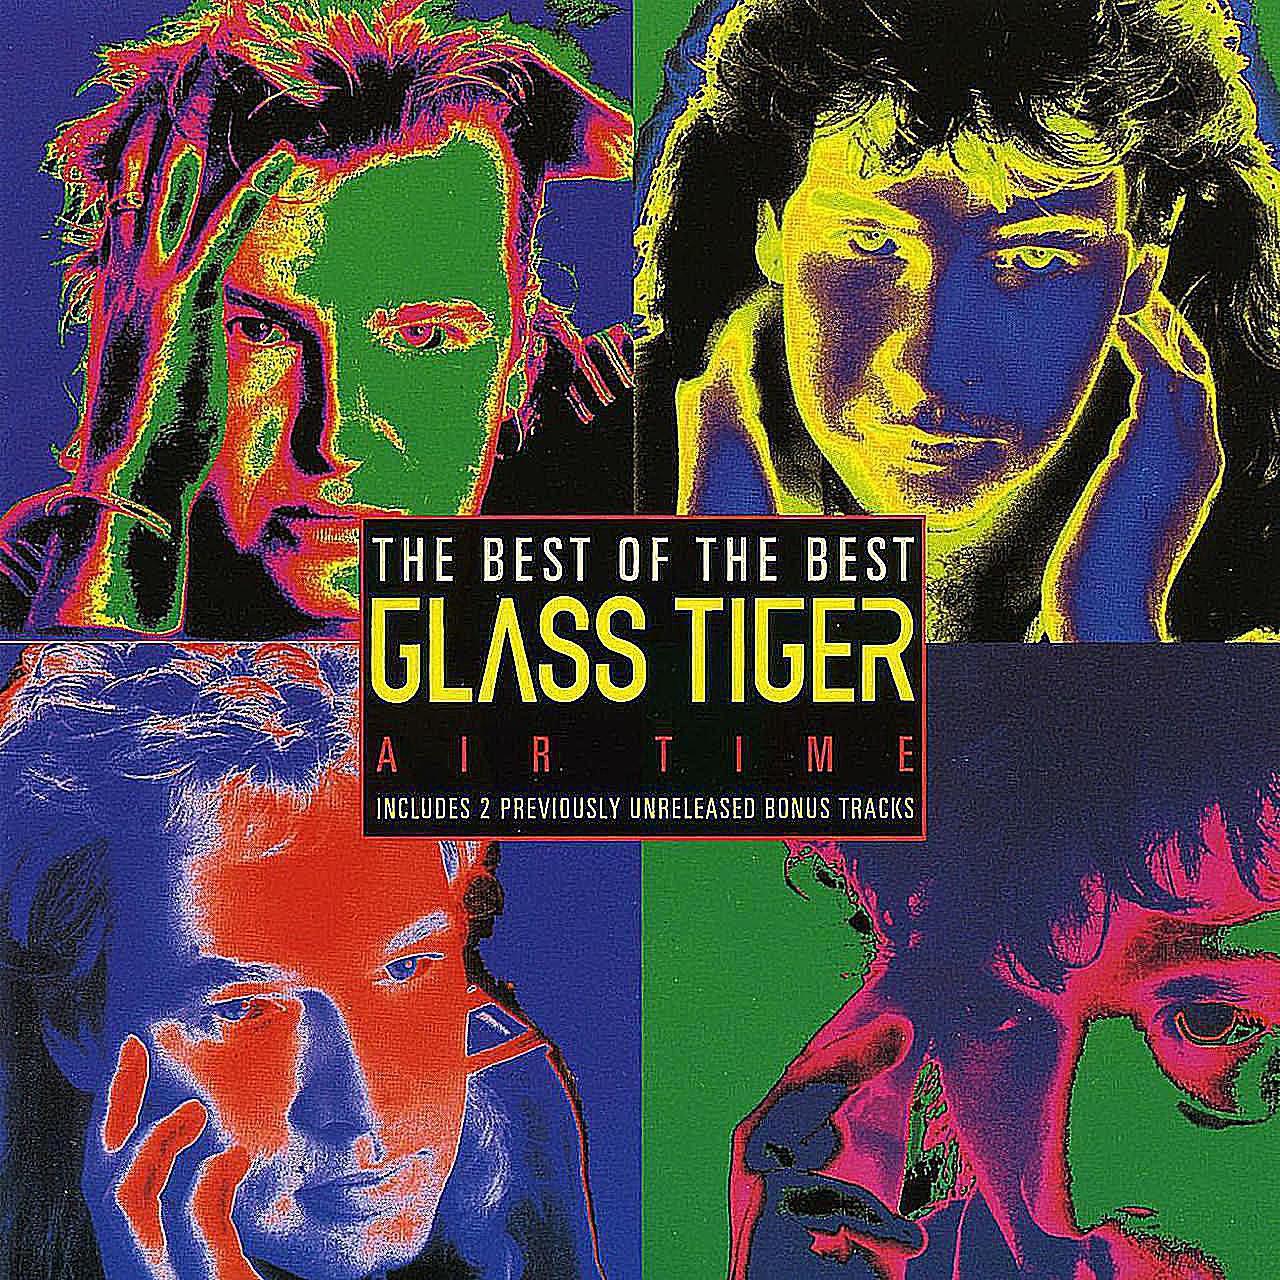 La banda canadiense Glass Tiger disfrutó de un éxito considerable en los 80 a pesar de tener un nombre desconcertante.